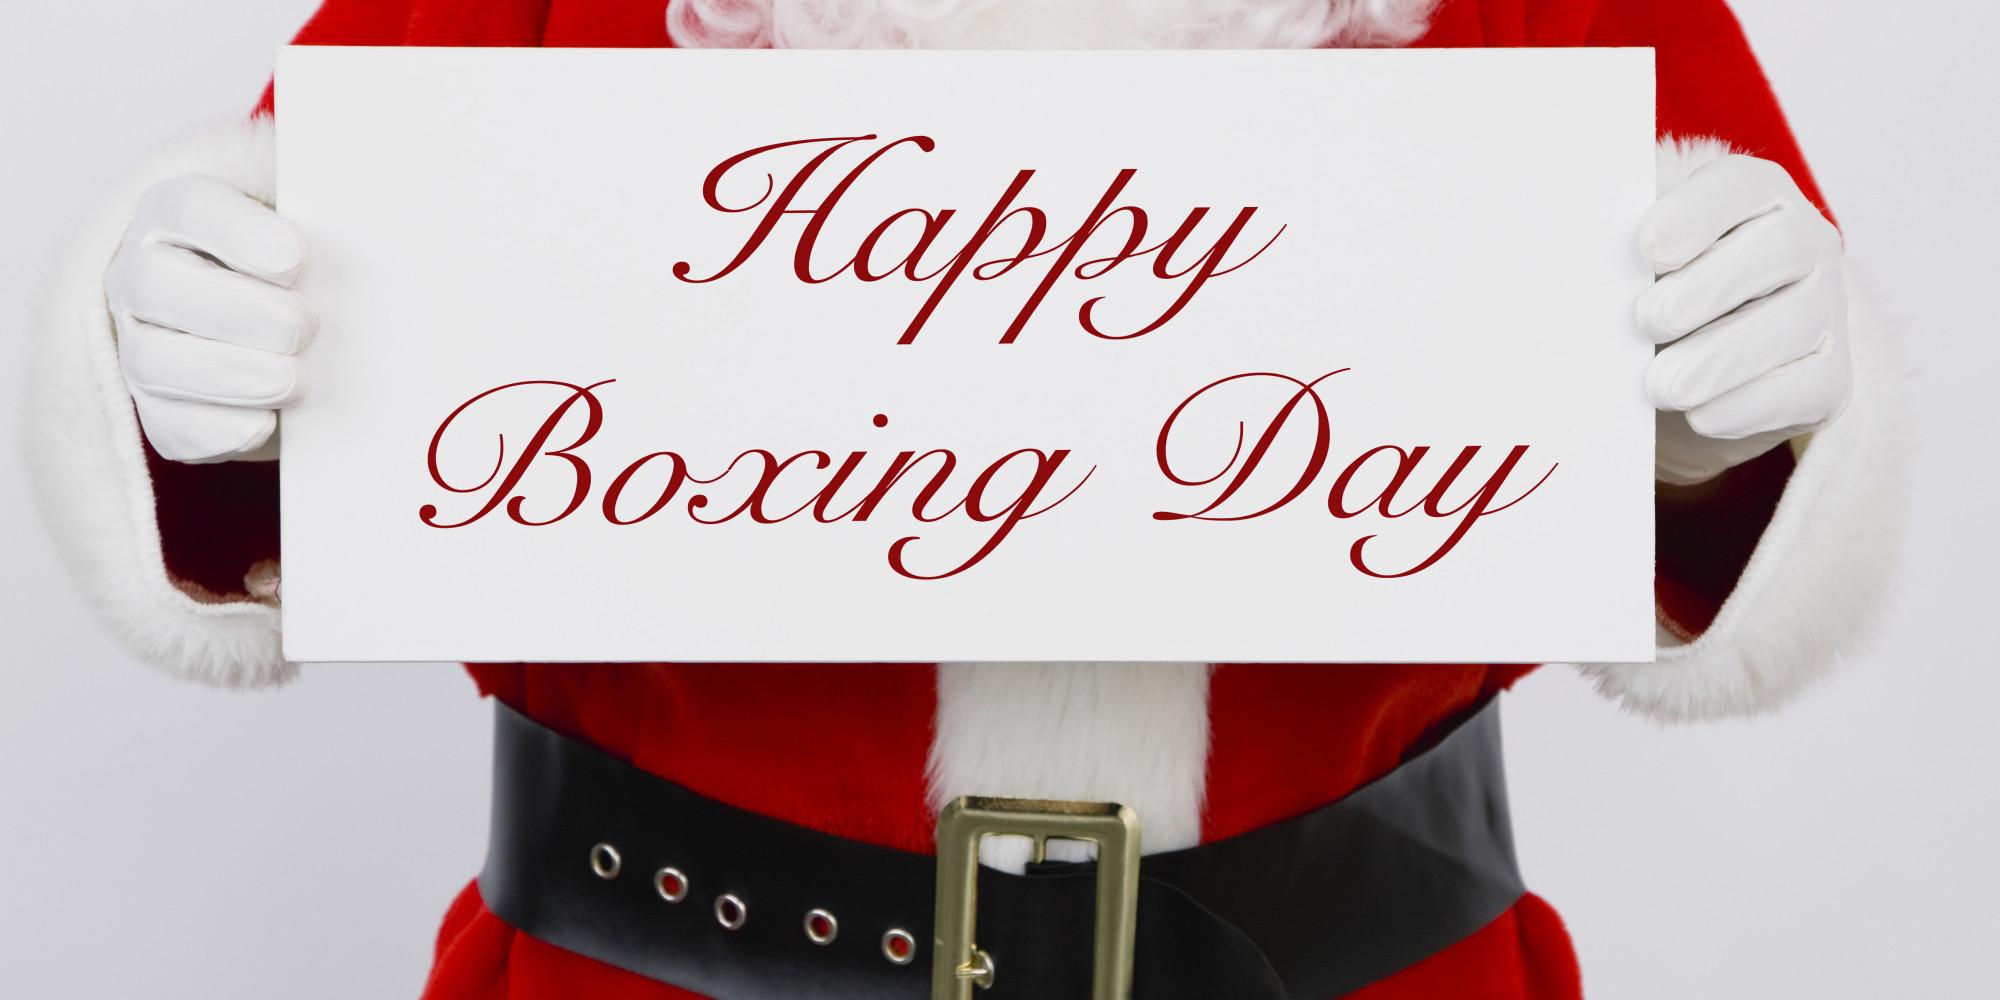 С Рождеством понятно. А что такое Boxing Day?